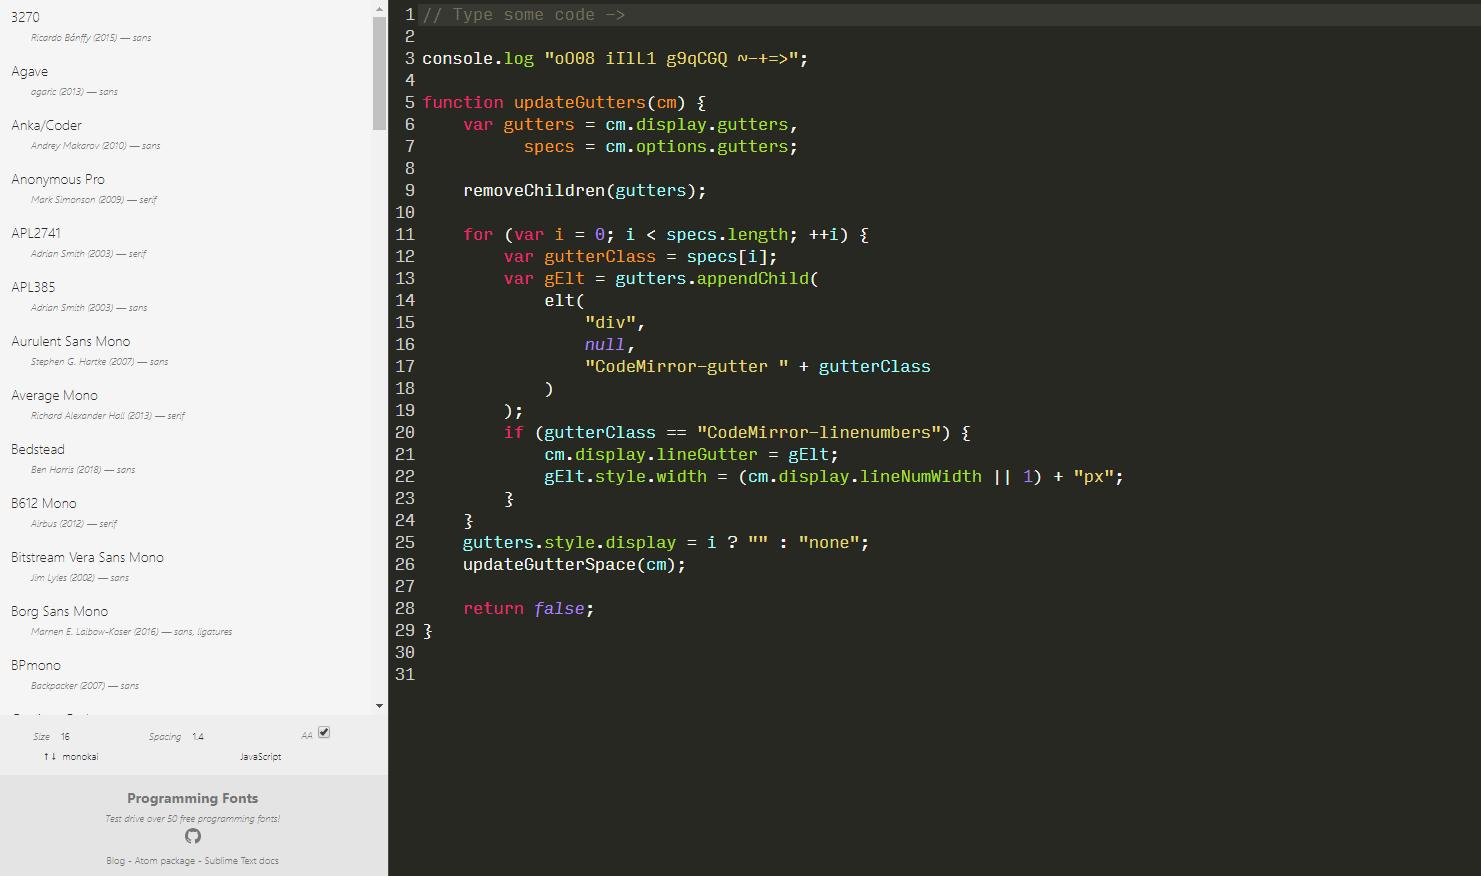 プログラミングに最適なフリーフォントを試すことができるWEBサービス「Programming Fonts」